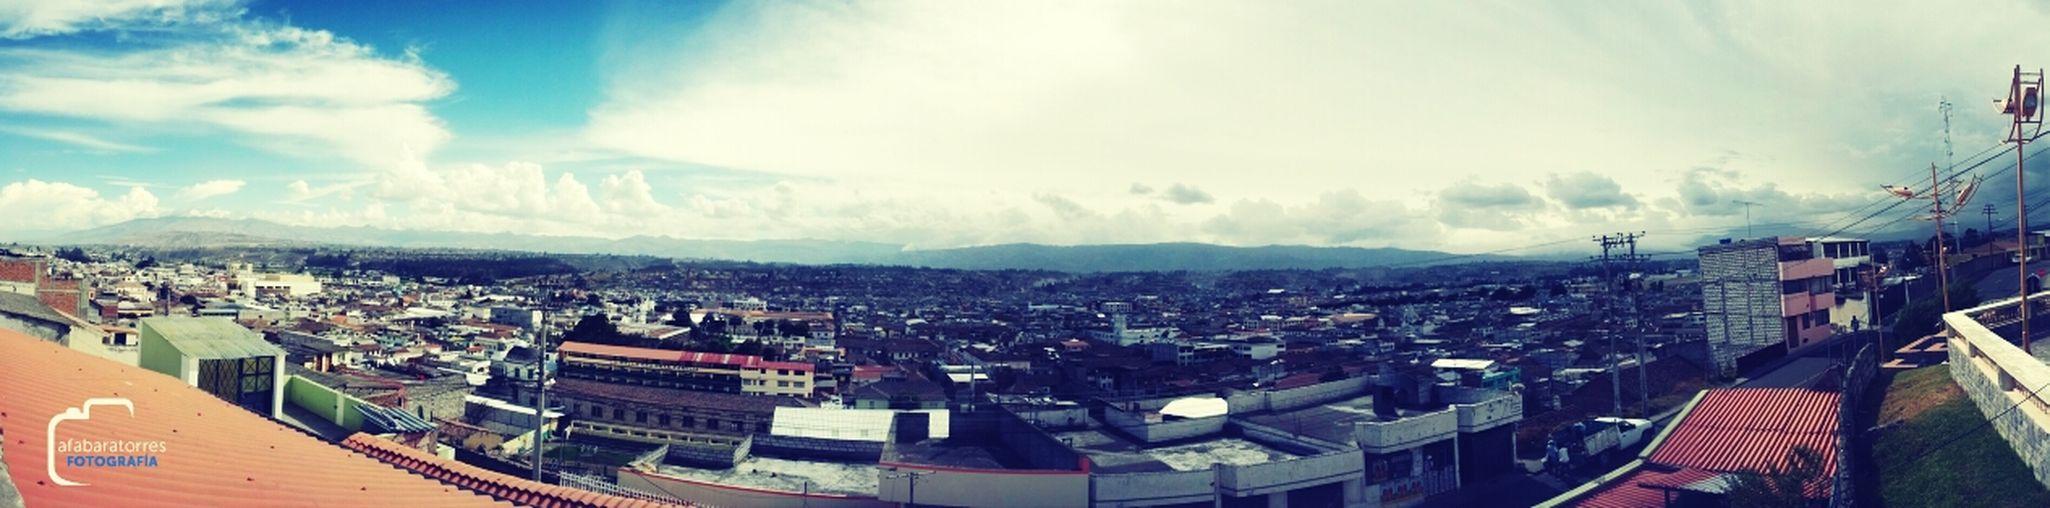 ¡Atardecer bipolar!What I Want To Shoot With A 360 Panono Camera Latacunga Ecuador Atardecer